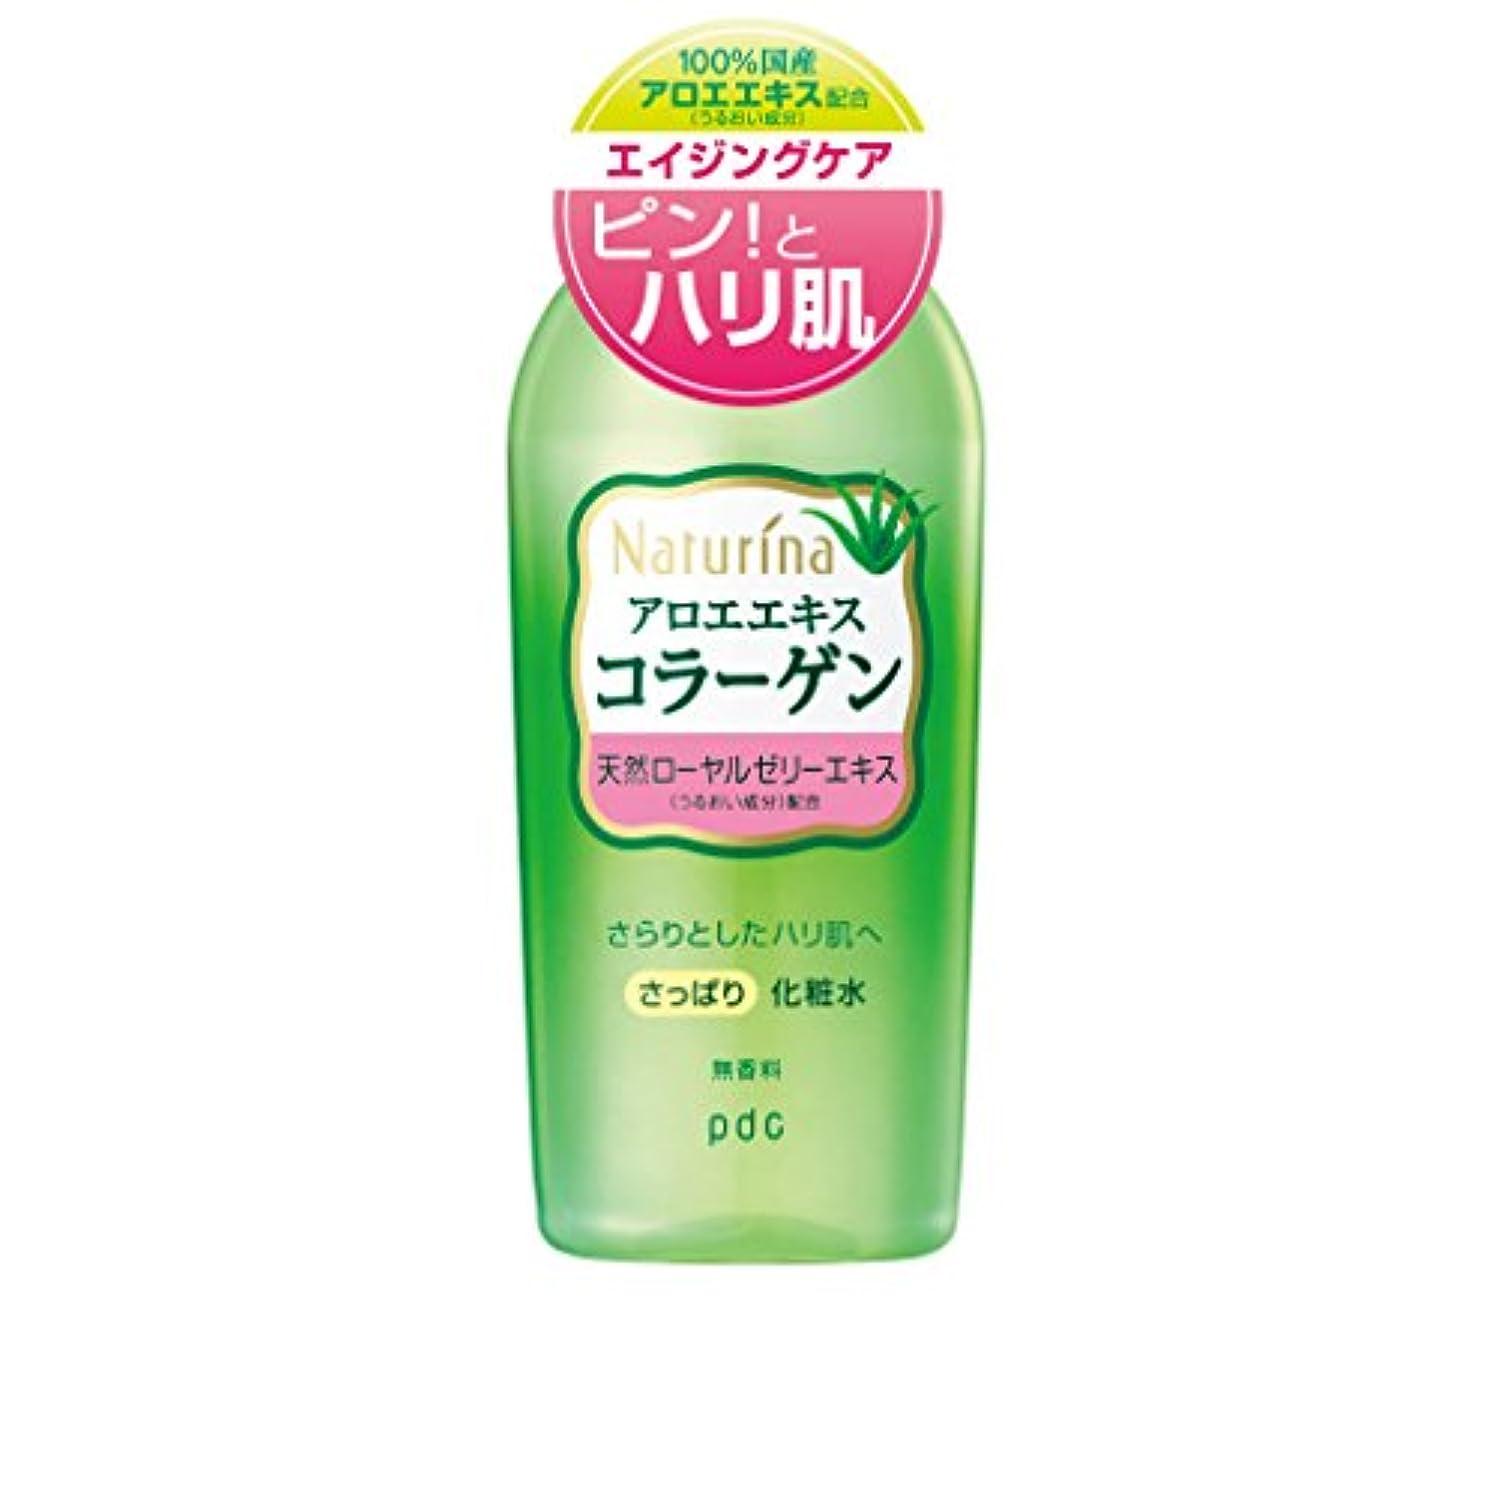 ピンク広告主力学ナチュリナ さっぱり化粧水 190mL